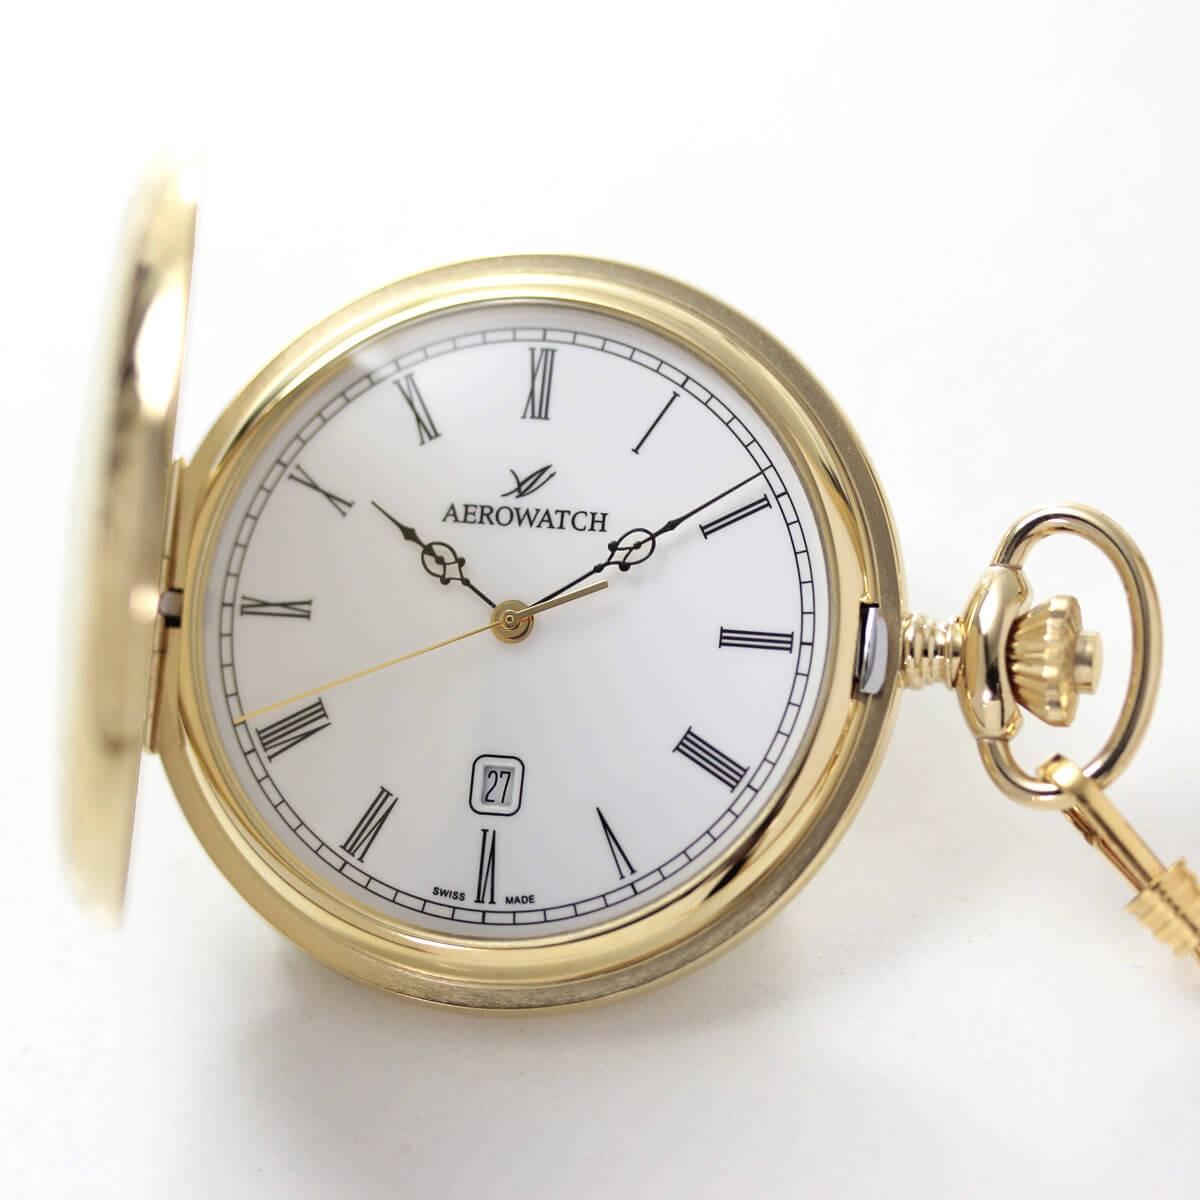 普段使いにぴったりなシンプルで使いやすいデザイン。クォーツ式アエロ懐中時計 42796ja01